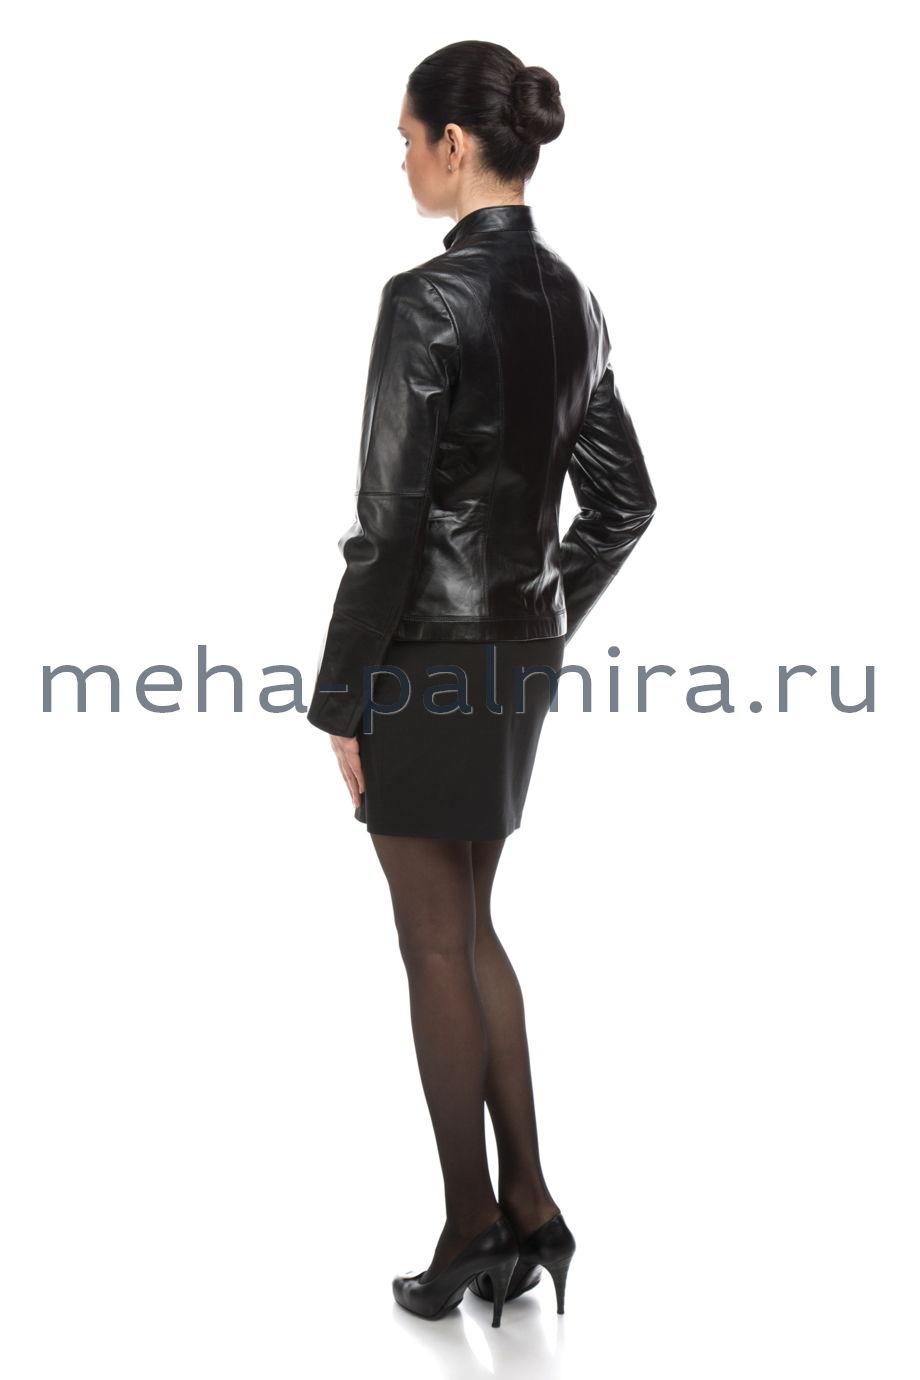 Кожаная куртка с накладными карманами, чёрный цвет